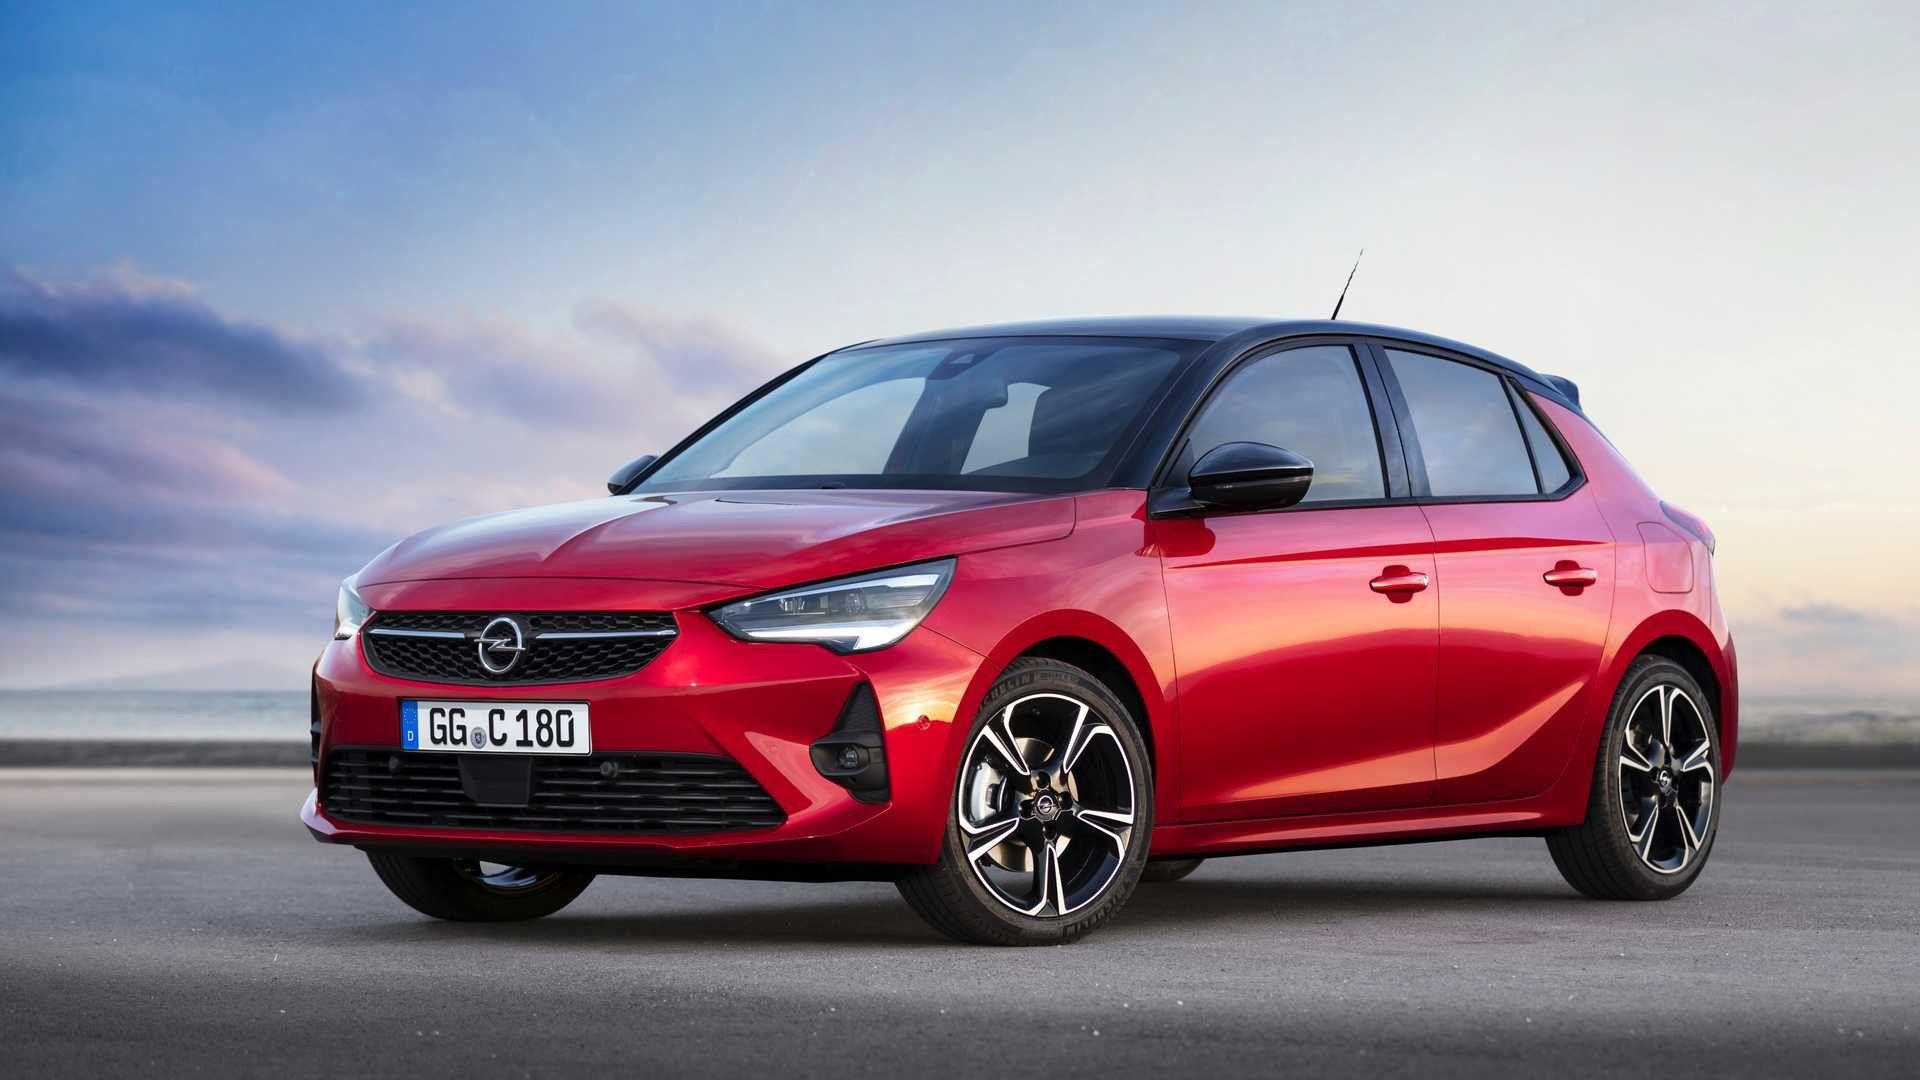 Opel Opc Corsa 2020 Price Di 2020